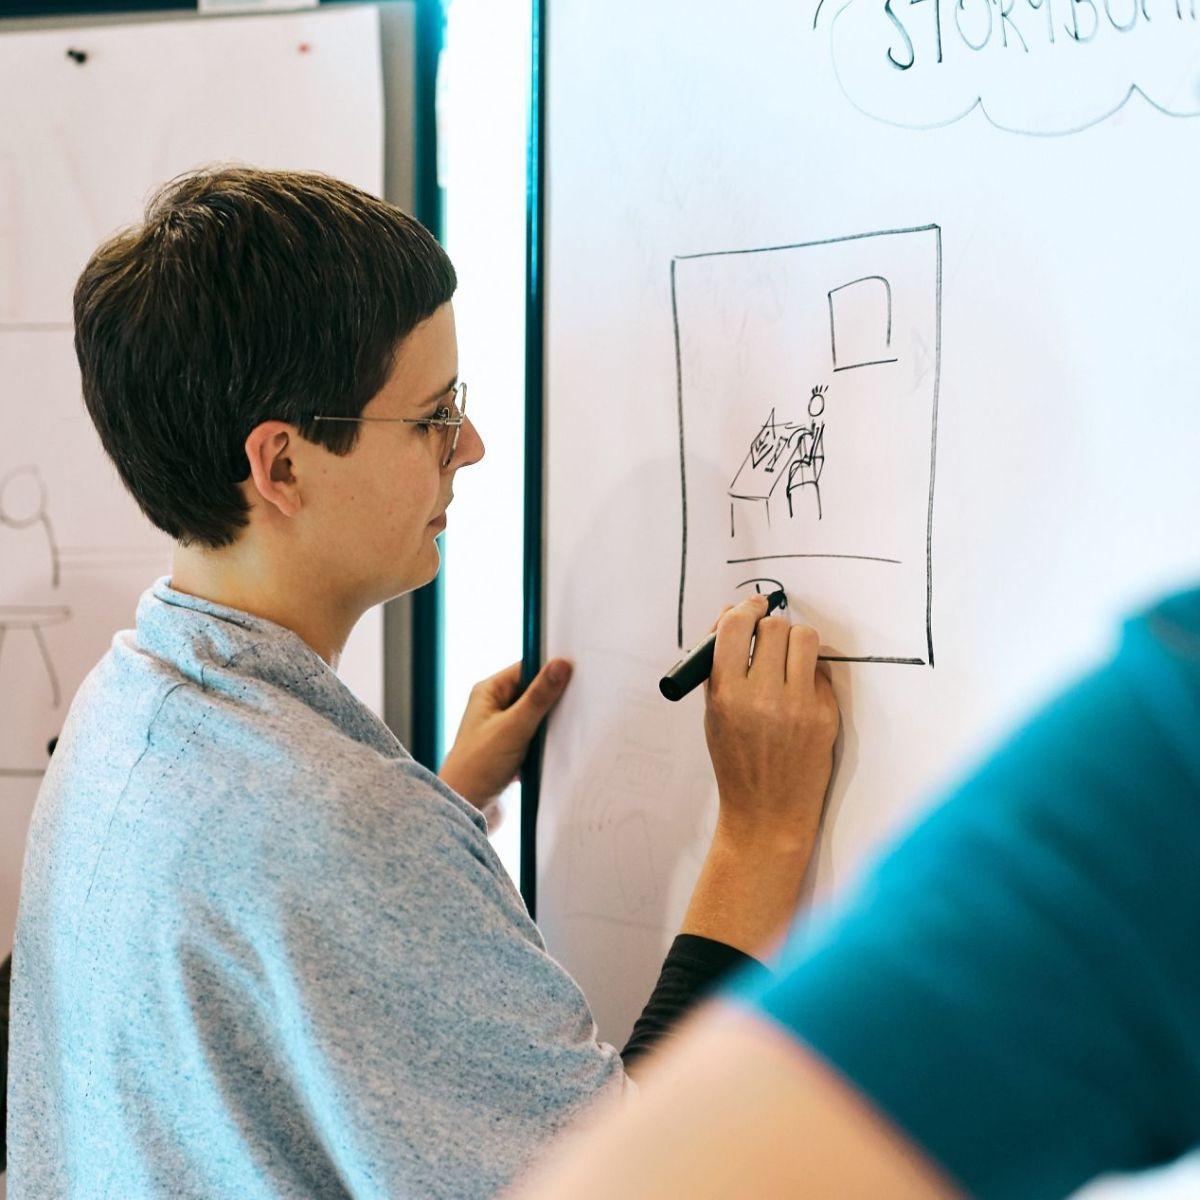 Co-Design Zukunft (c) www.etzlfoto.com